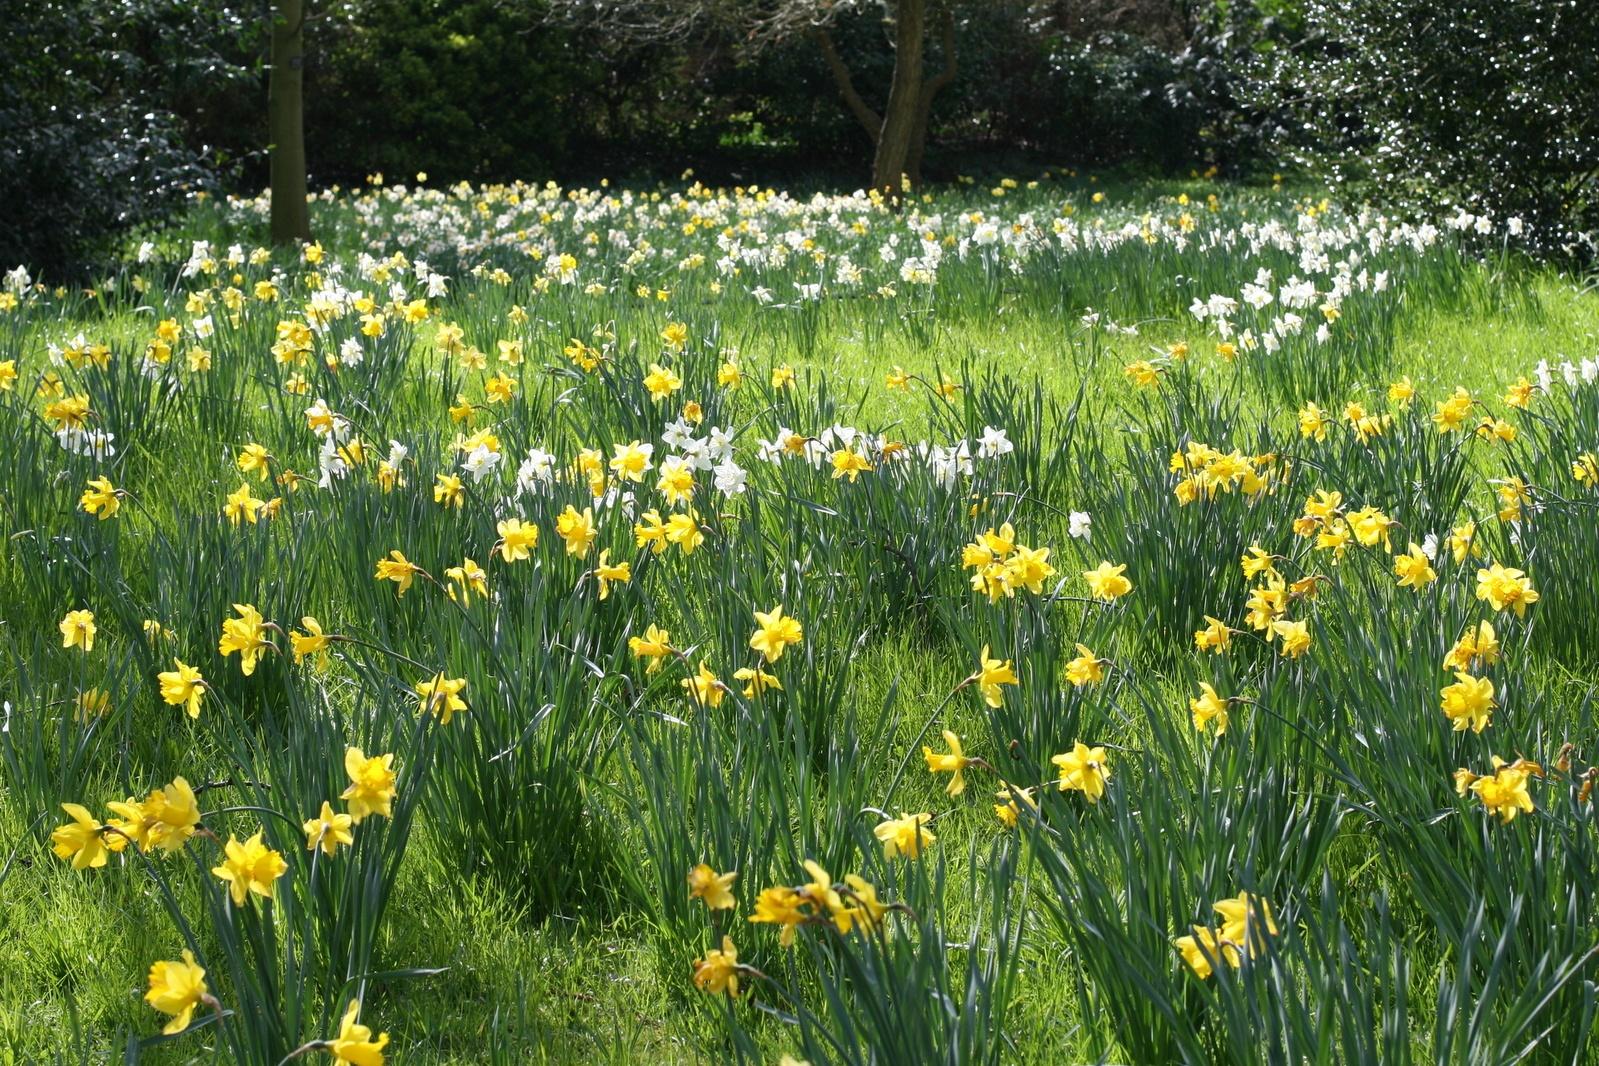 daffodils-2-1376683-1599x1066.jpg